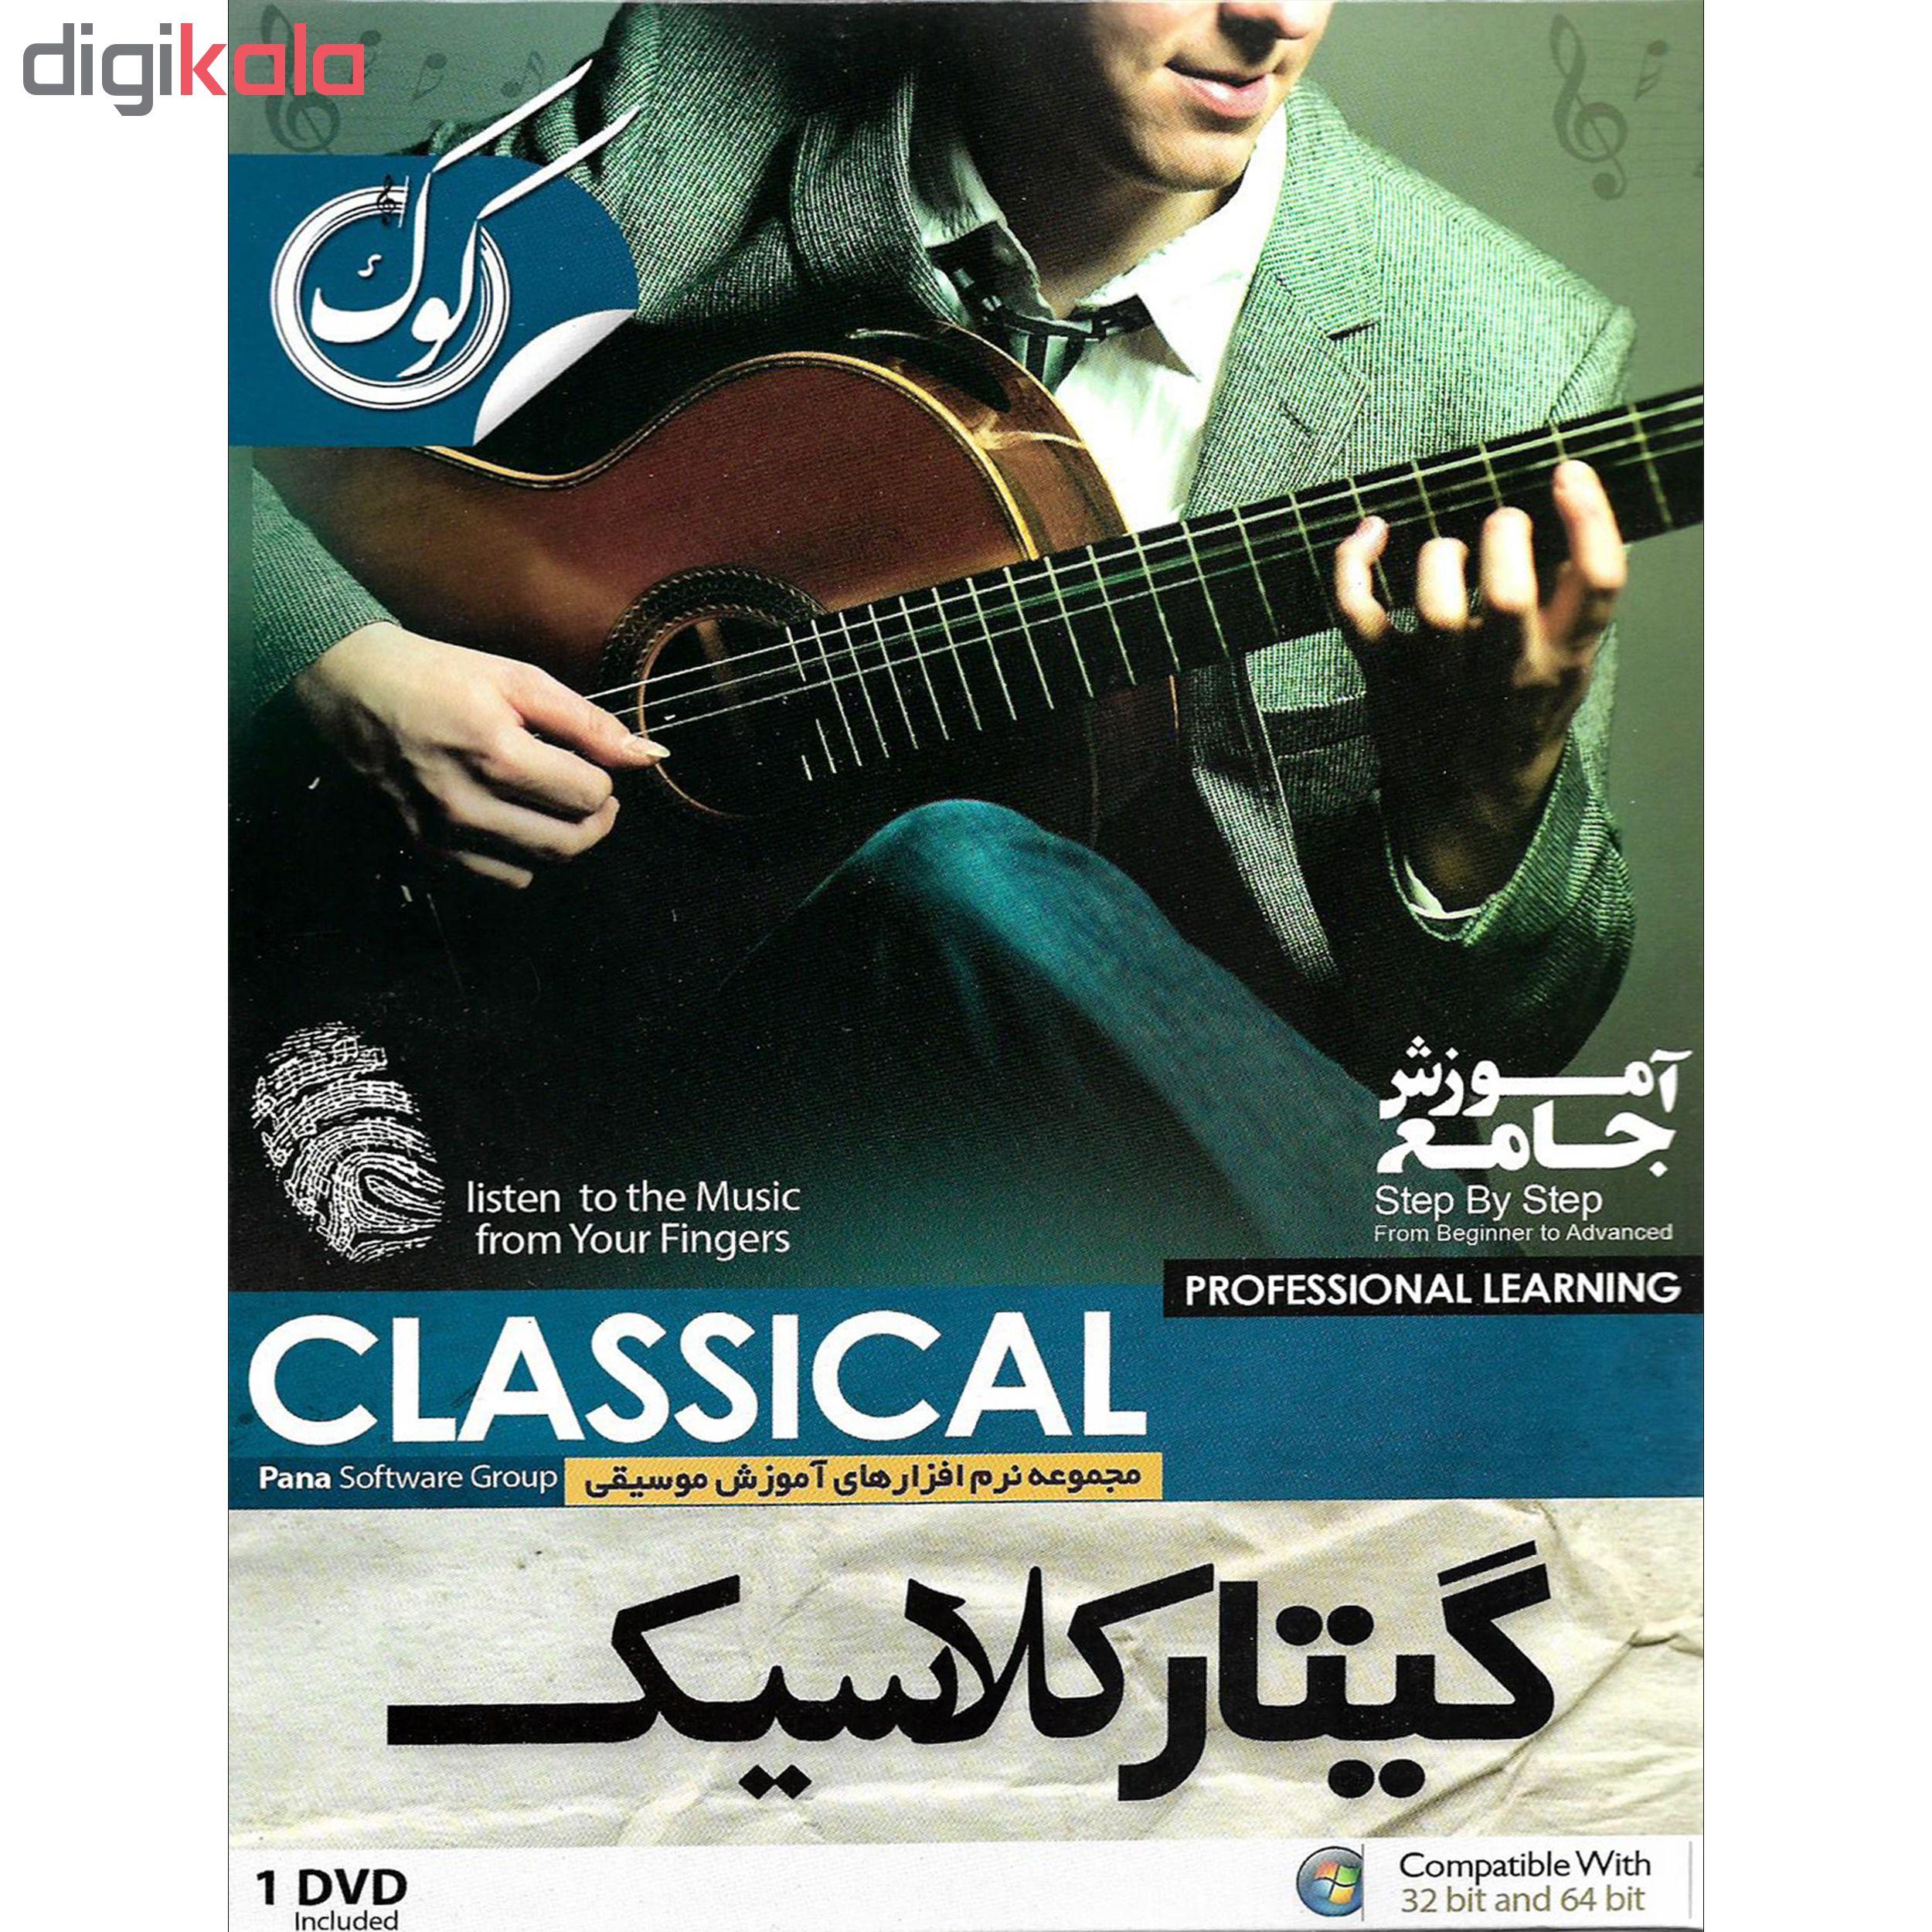 نرم افزار آموزشی تئوری موسیقی در گیتار نشر پاناپرداز به همراه نرم افزار آموزشی گیتار کلاسیک نشر پانا